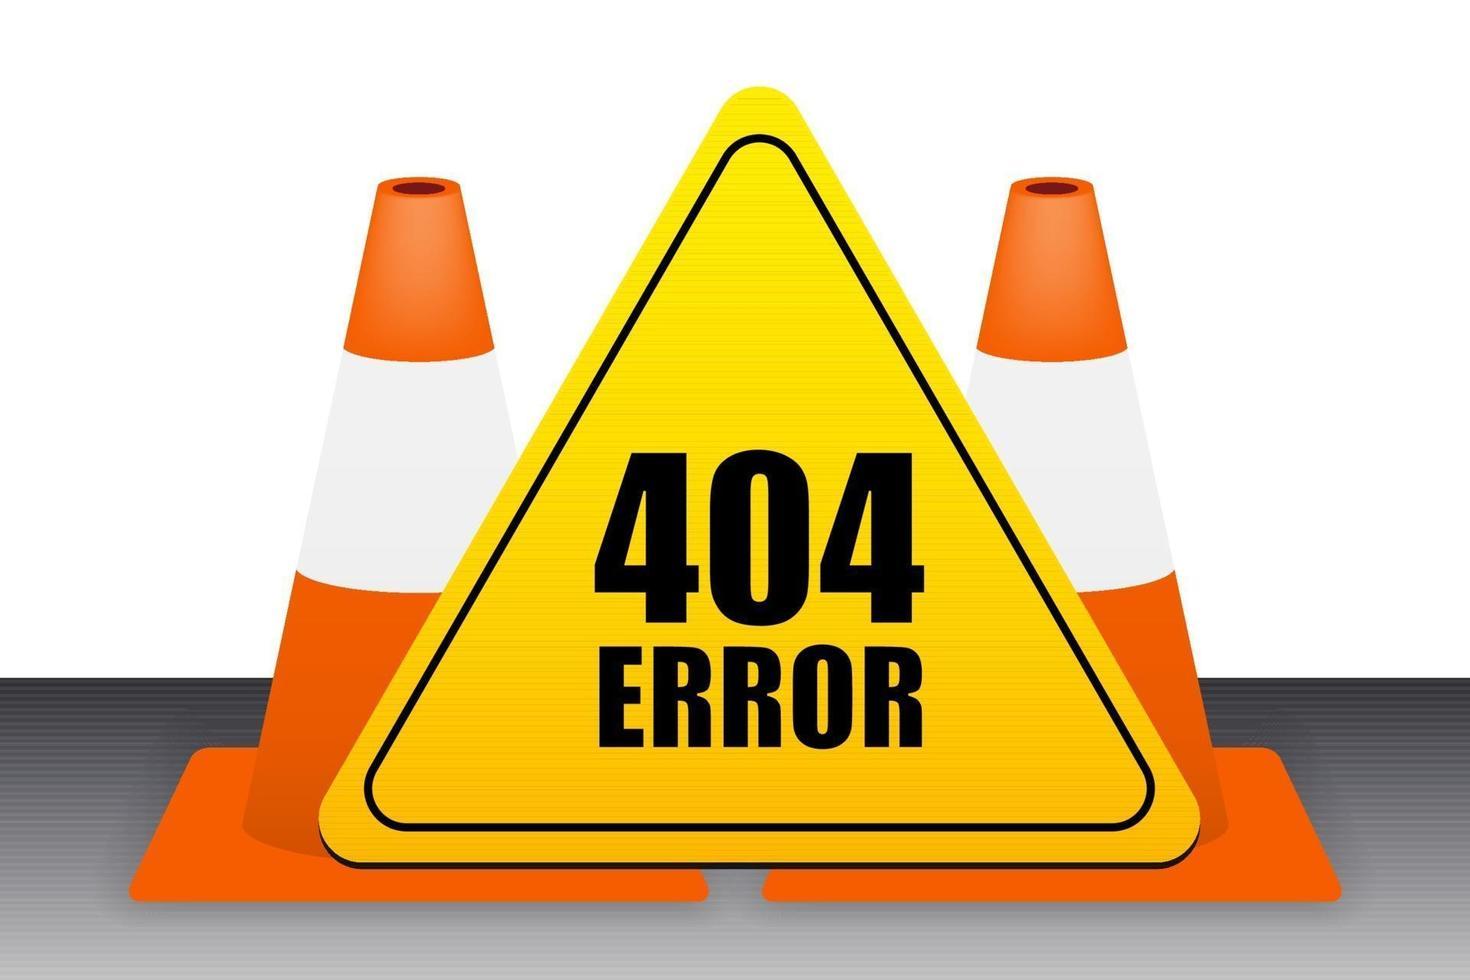 404 felskylt med trafik konvektor vektor